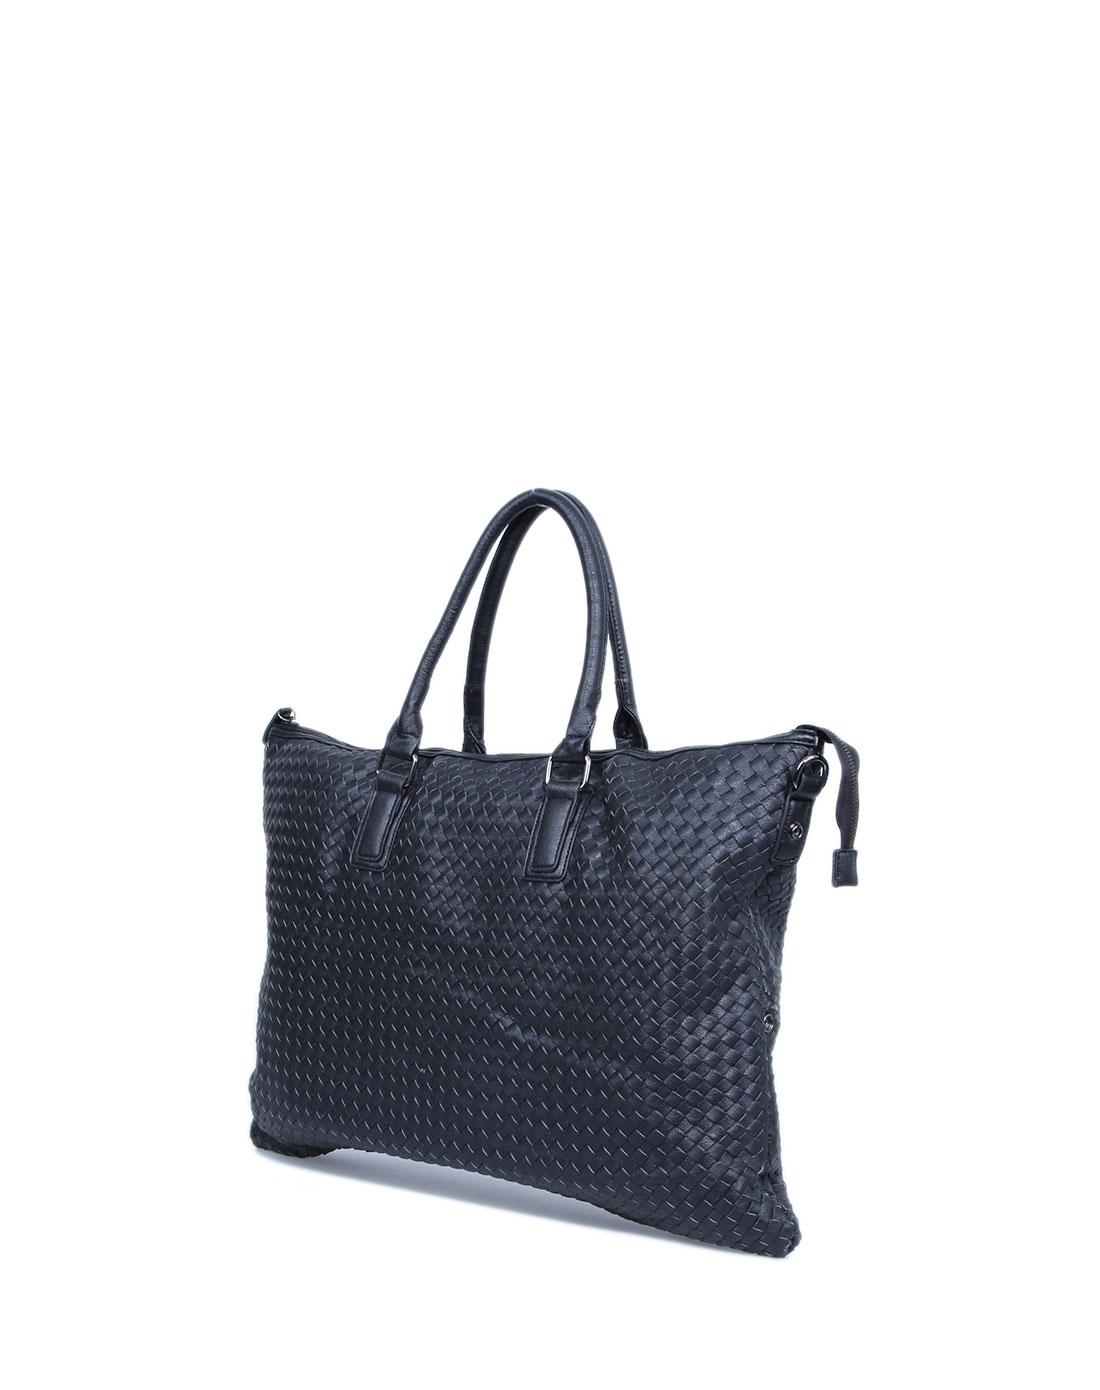 女士黑色手工拼皮编织超大两用行李包